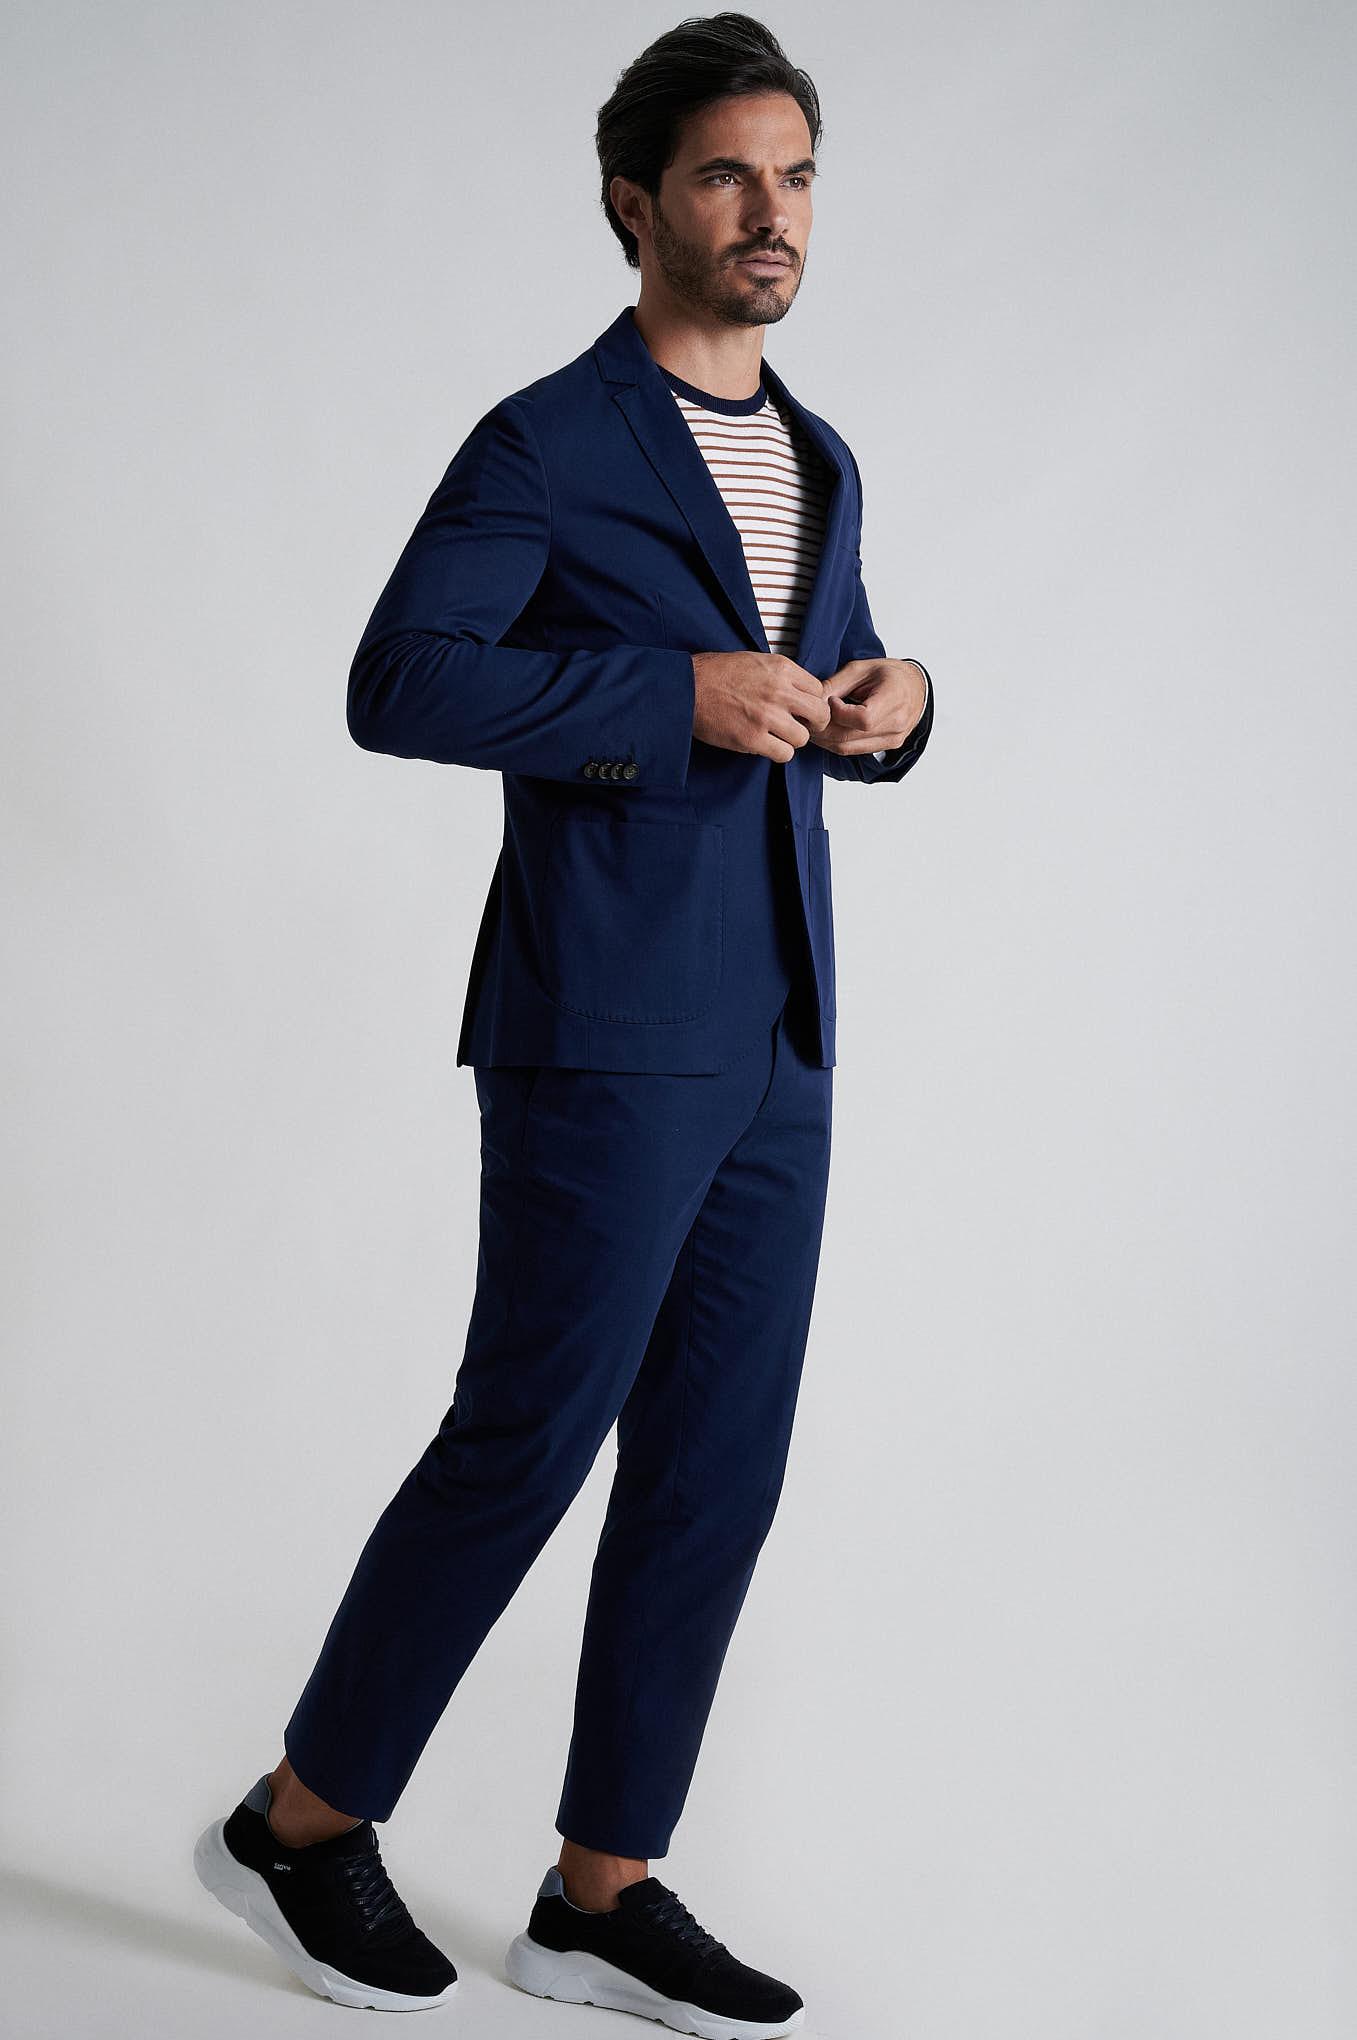 Suit Blue Formal Man